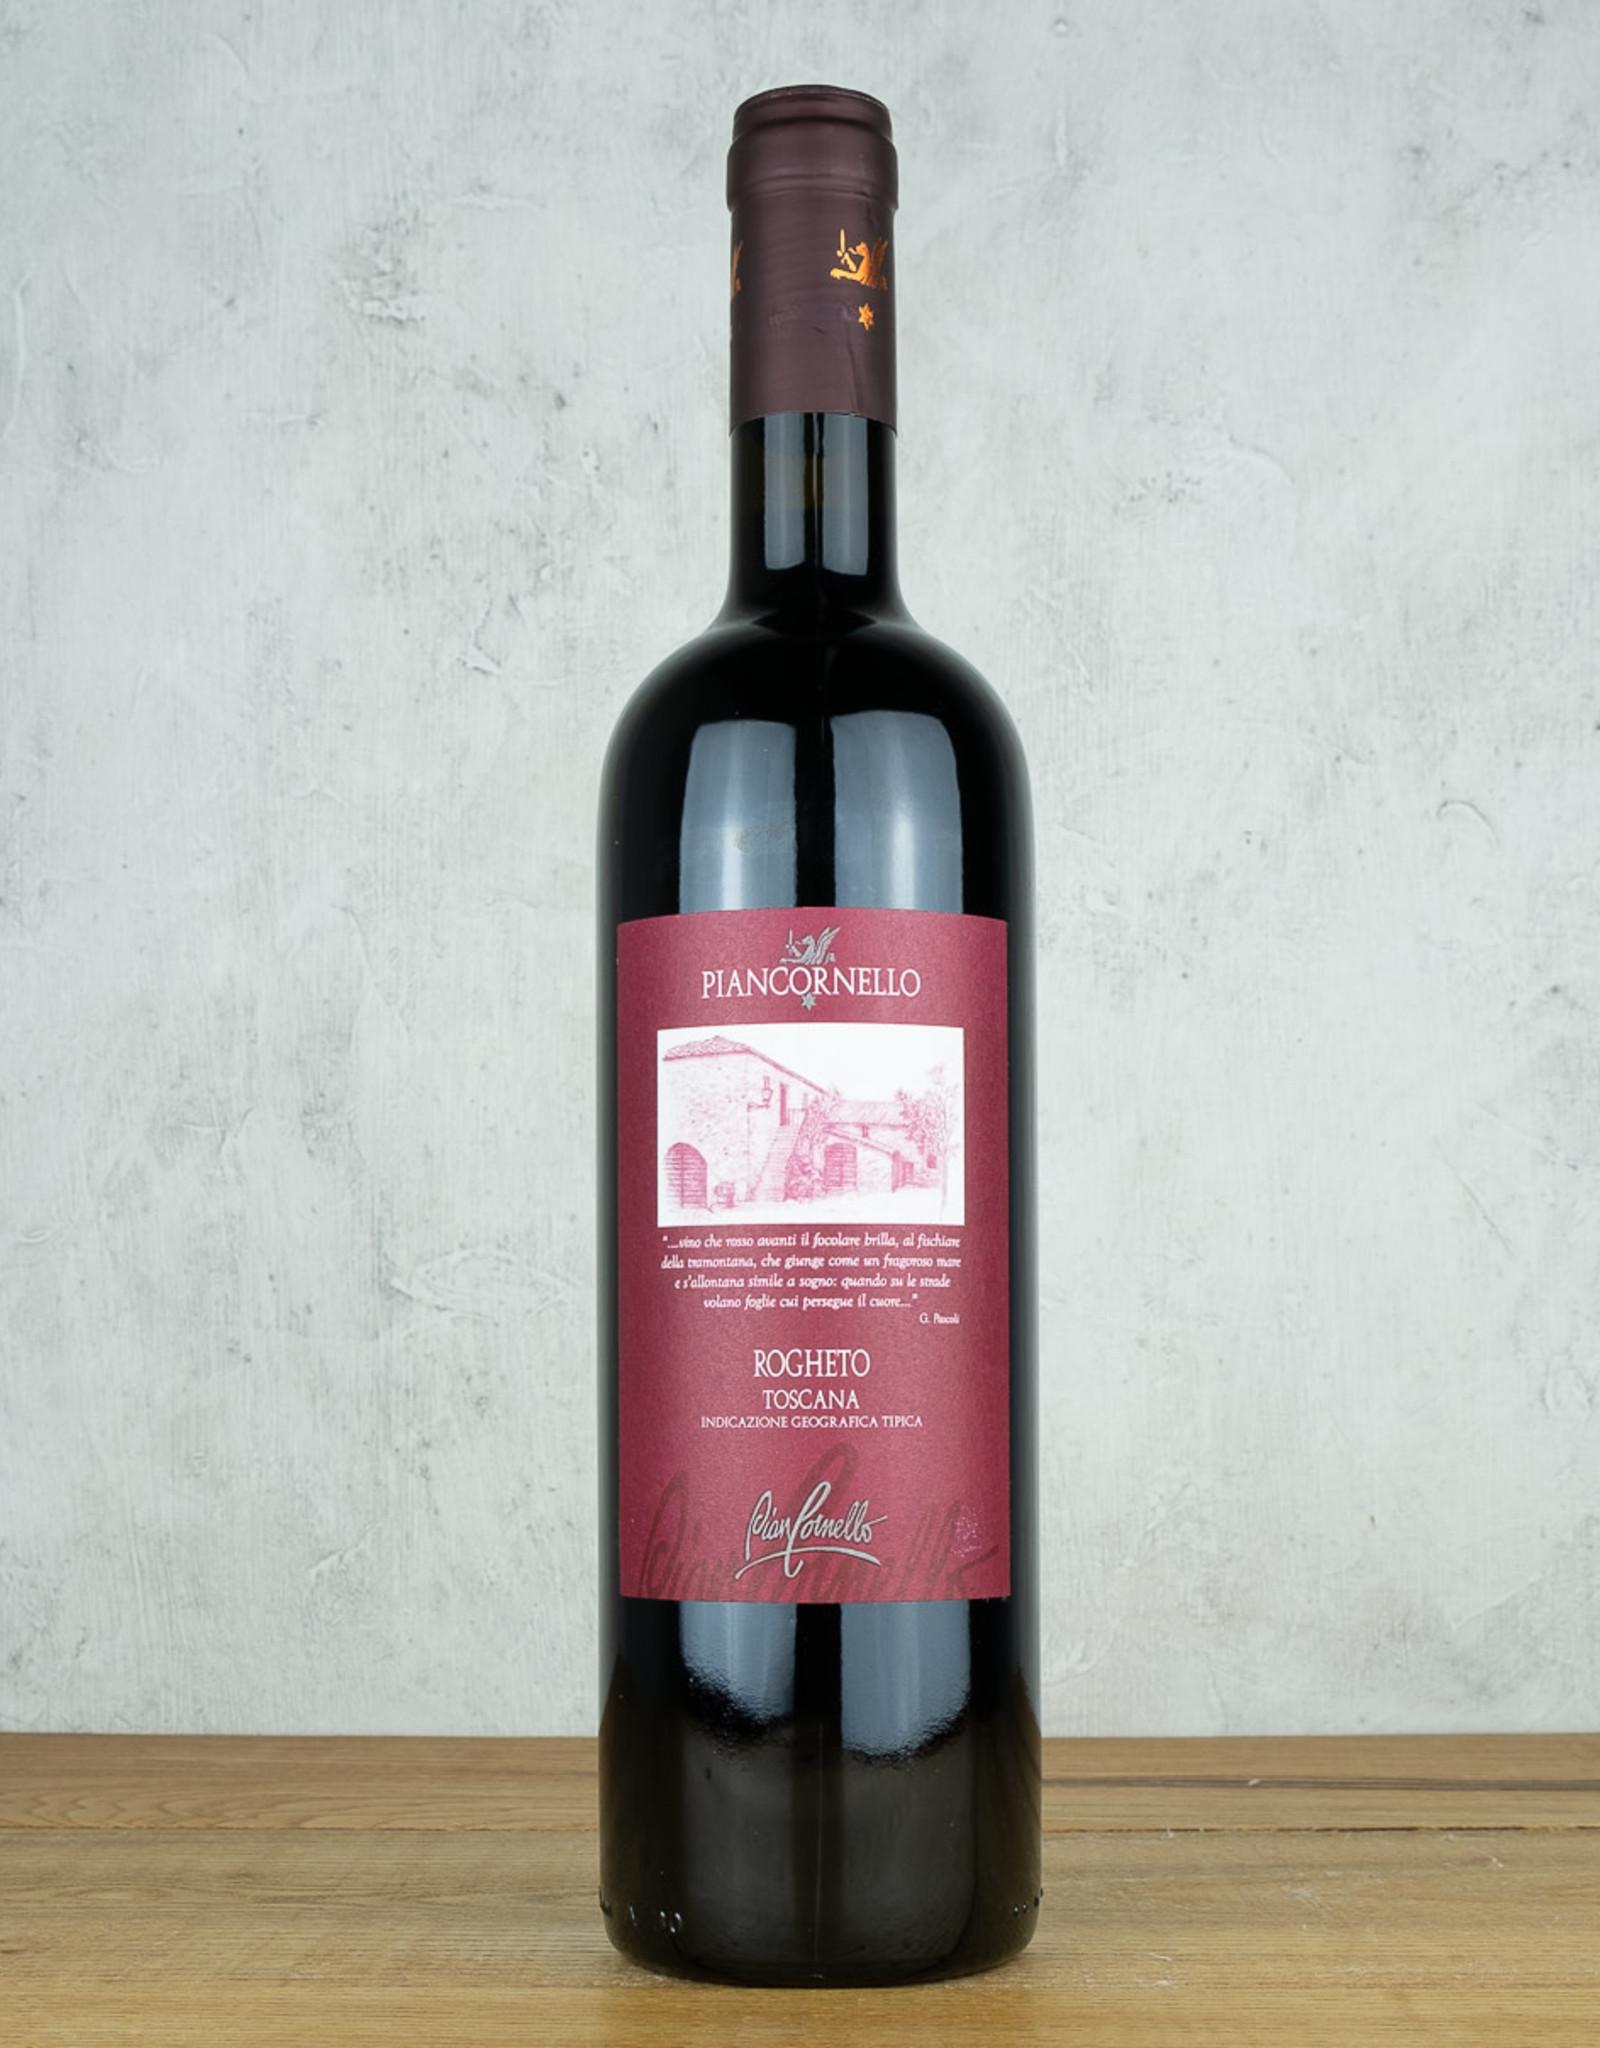 Piancornello Rogheto Toscana Rouge